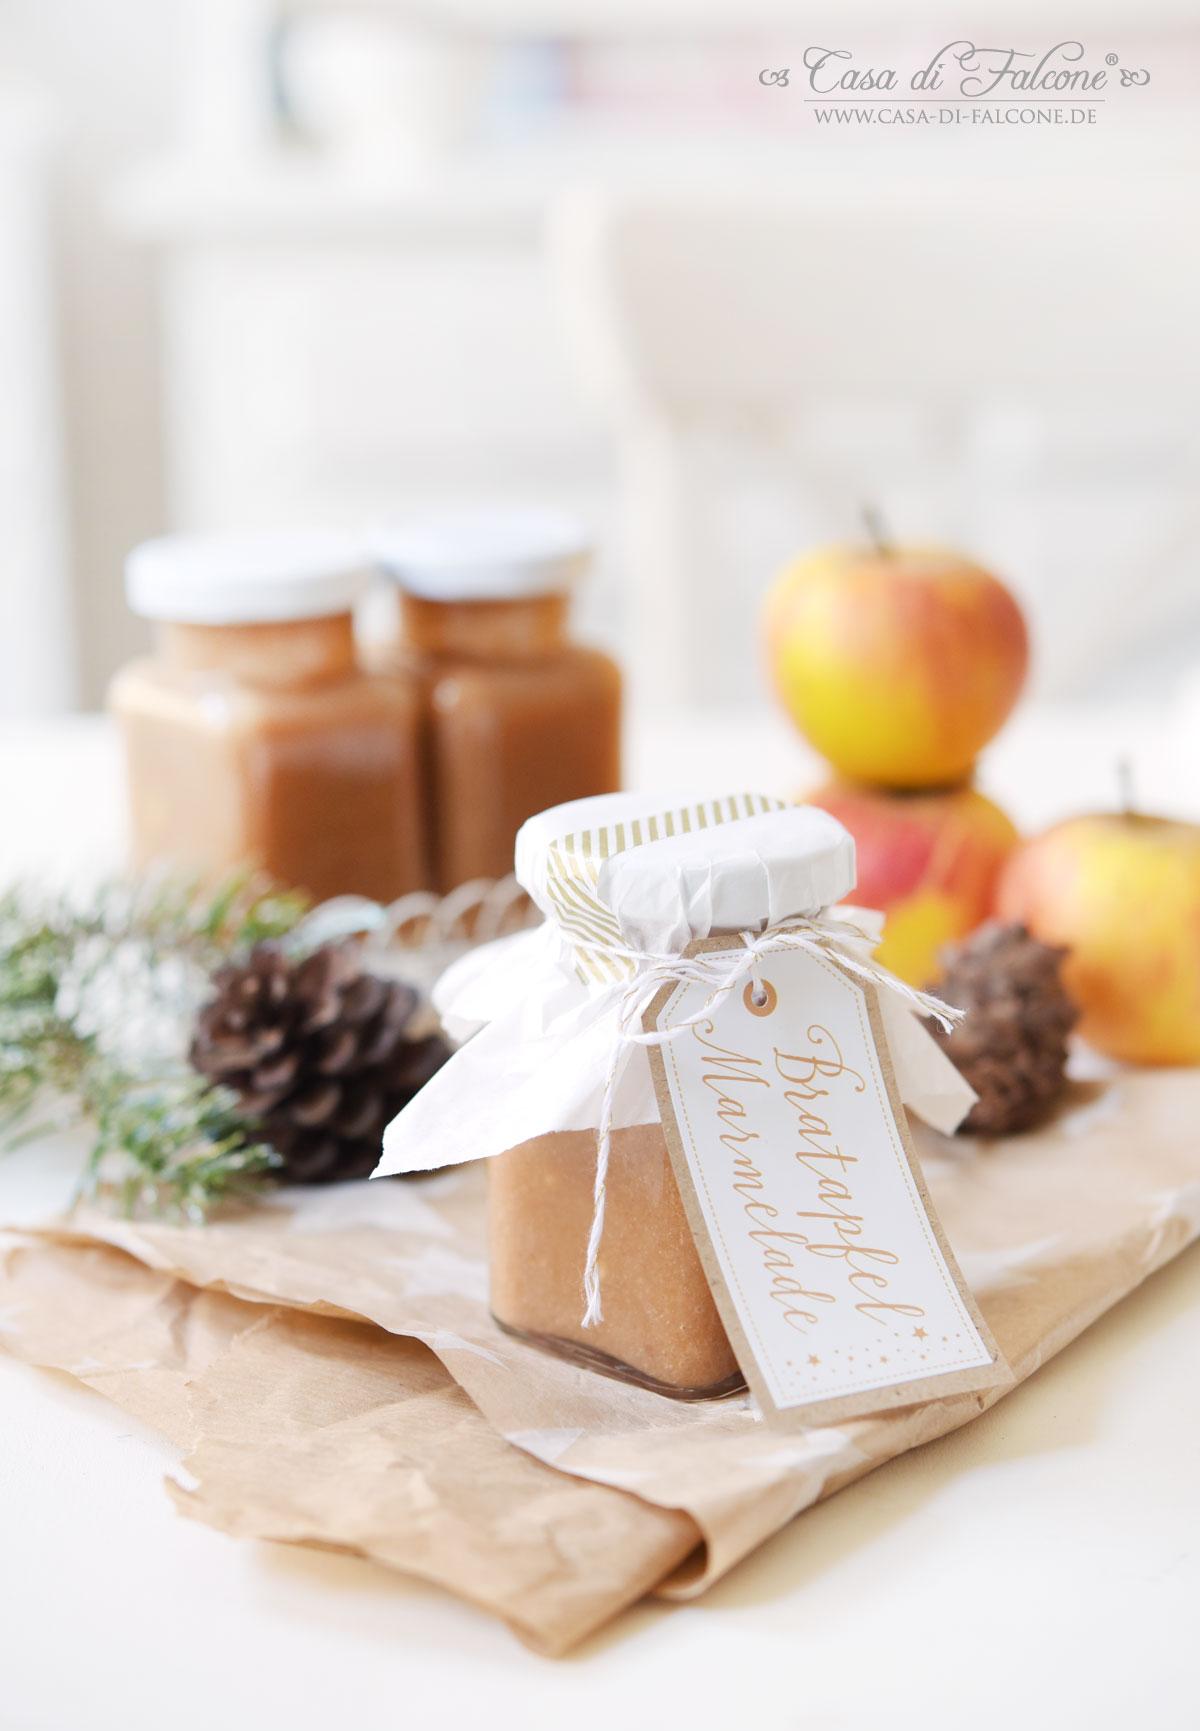 Geschenke aus der Küche - Seite 3 von 37 - Casa di Falcone